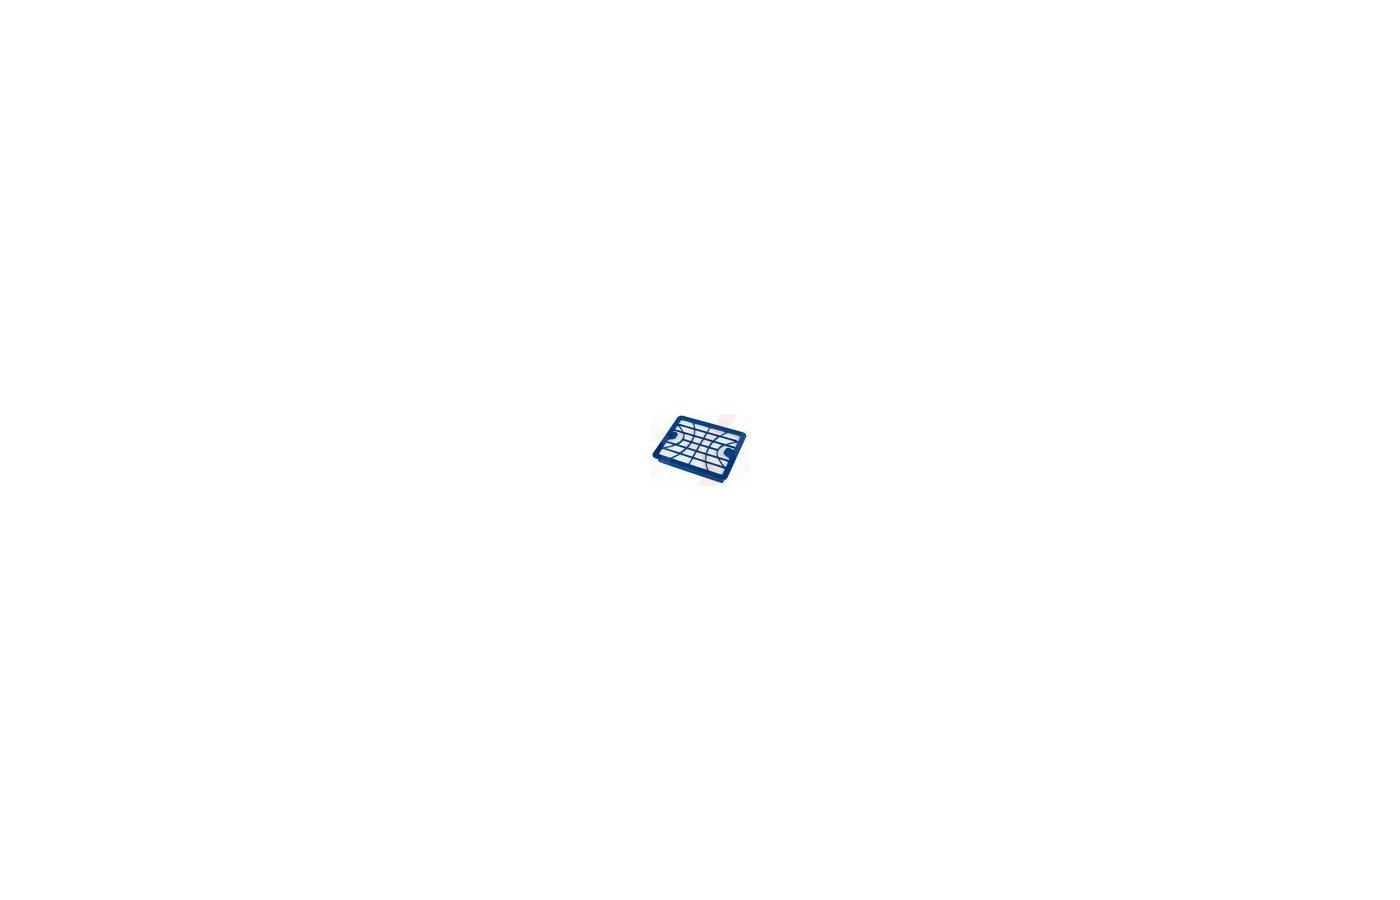 Фильтр для пылесоса ZELMER A50000050.00 Выпускной фильтр HEPA 13